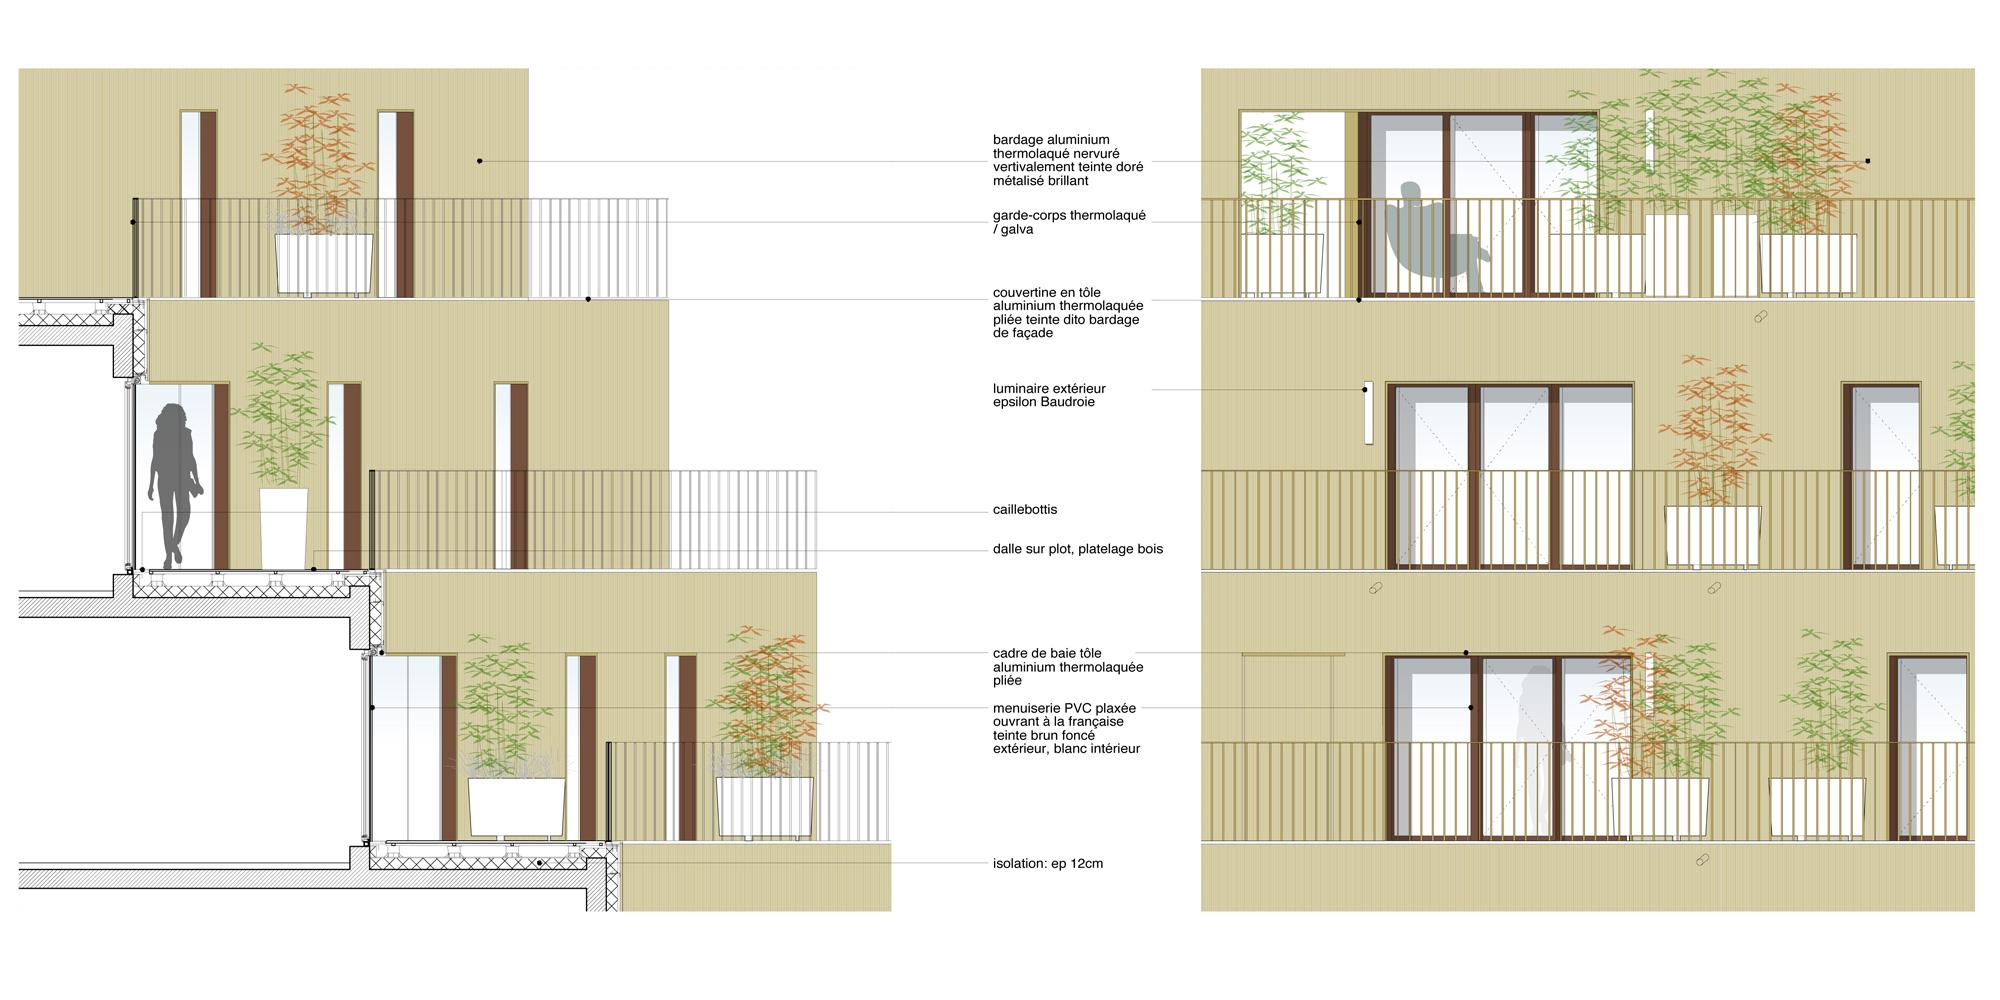 Detail A © Hamonic+Masson & Associés